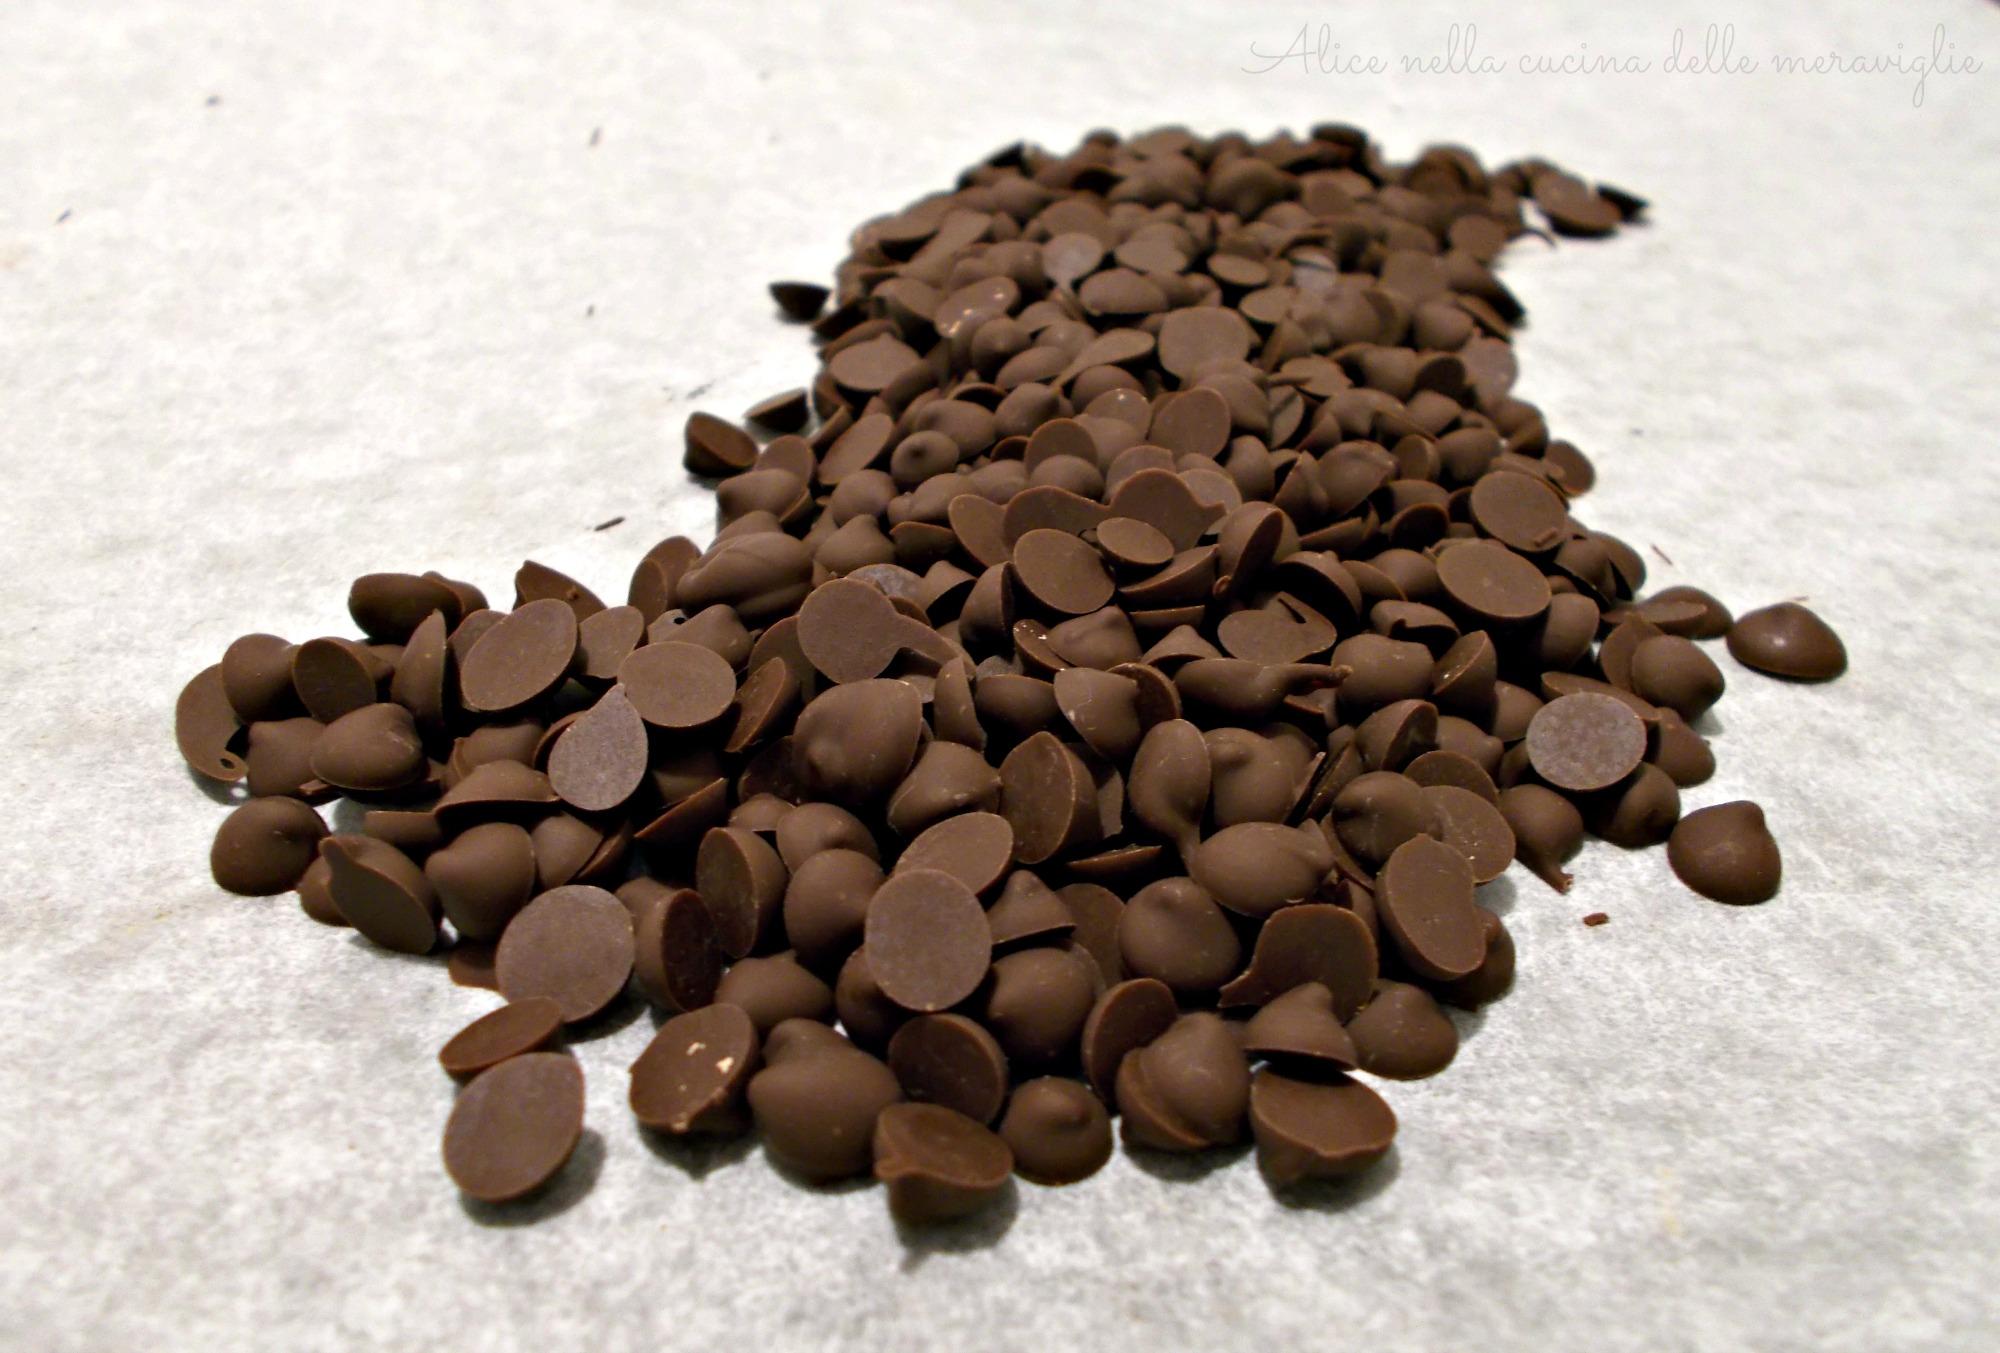 Homemade Chocolate Chips Alice nella cucina delle meraviglie